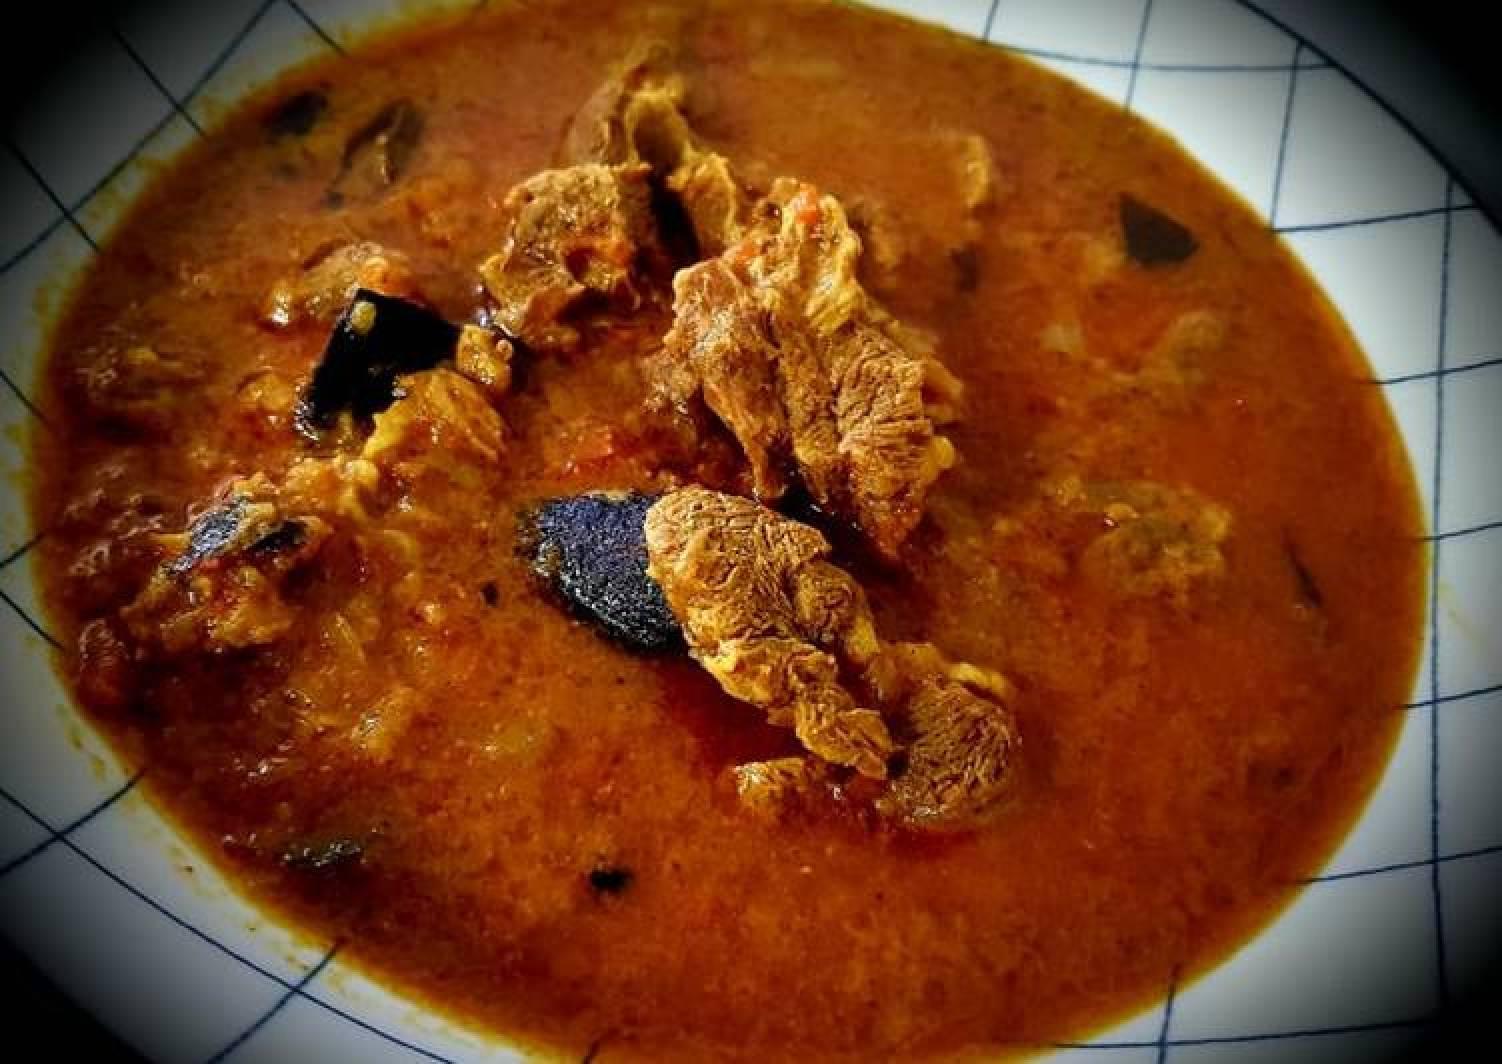 Chettinad Mutton Kuzhambu (Chettinad Mutton Gravy)